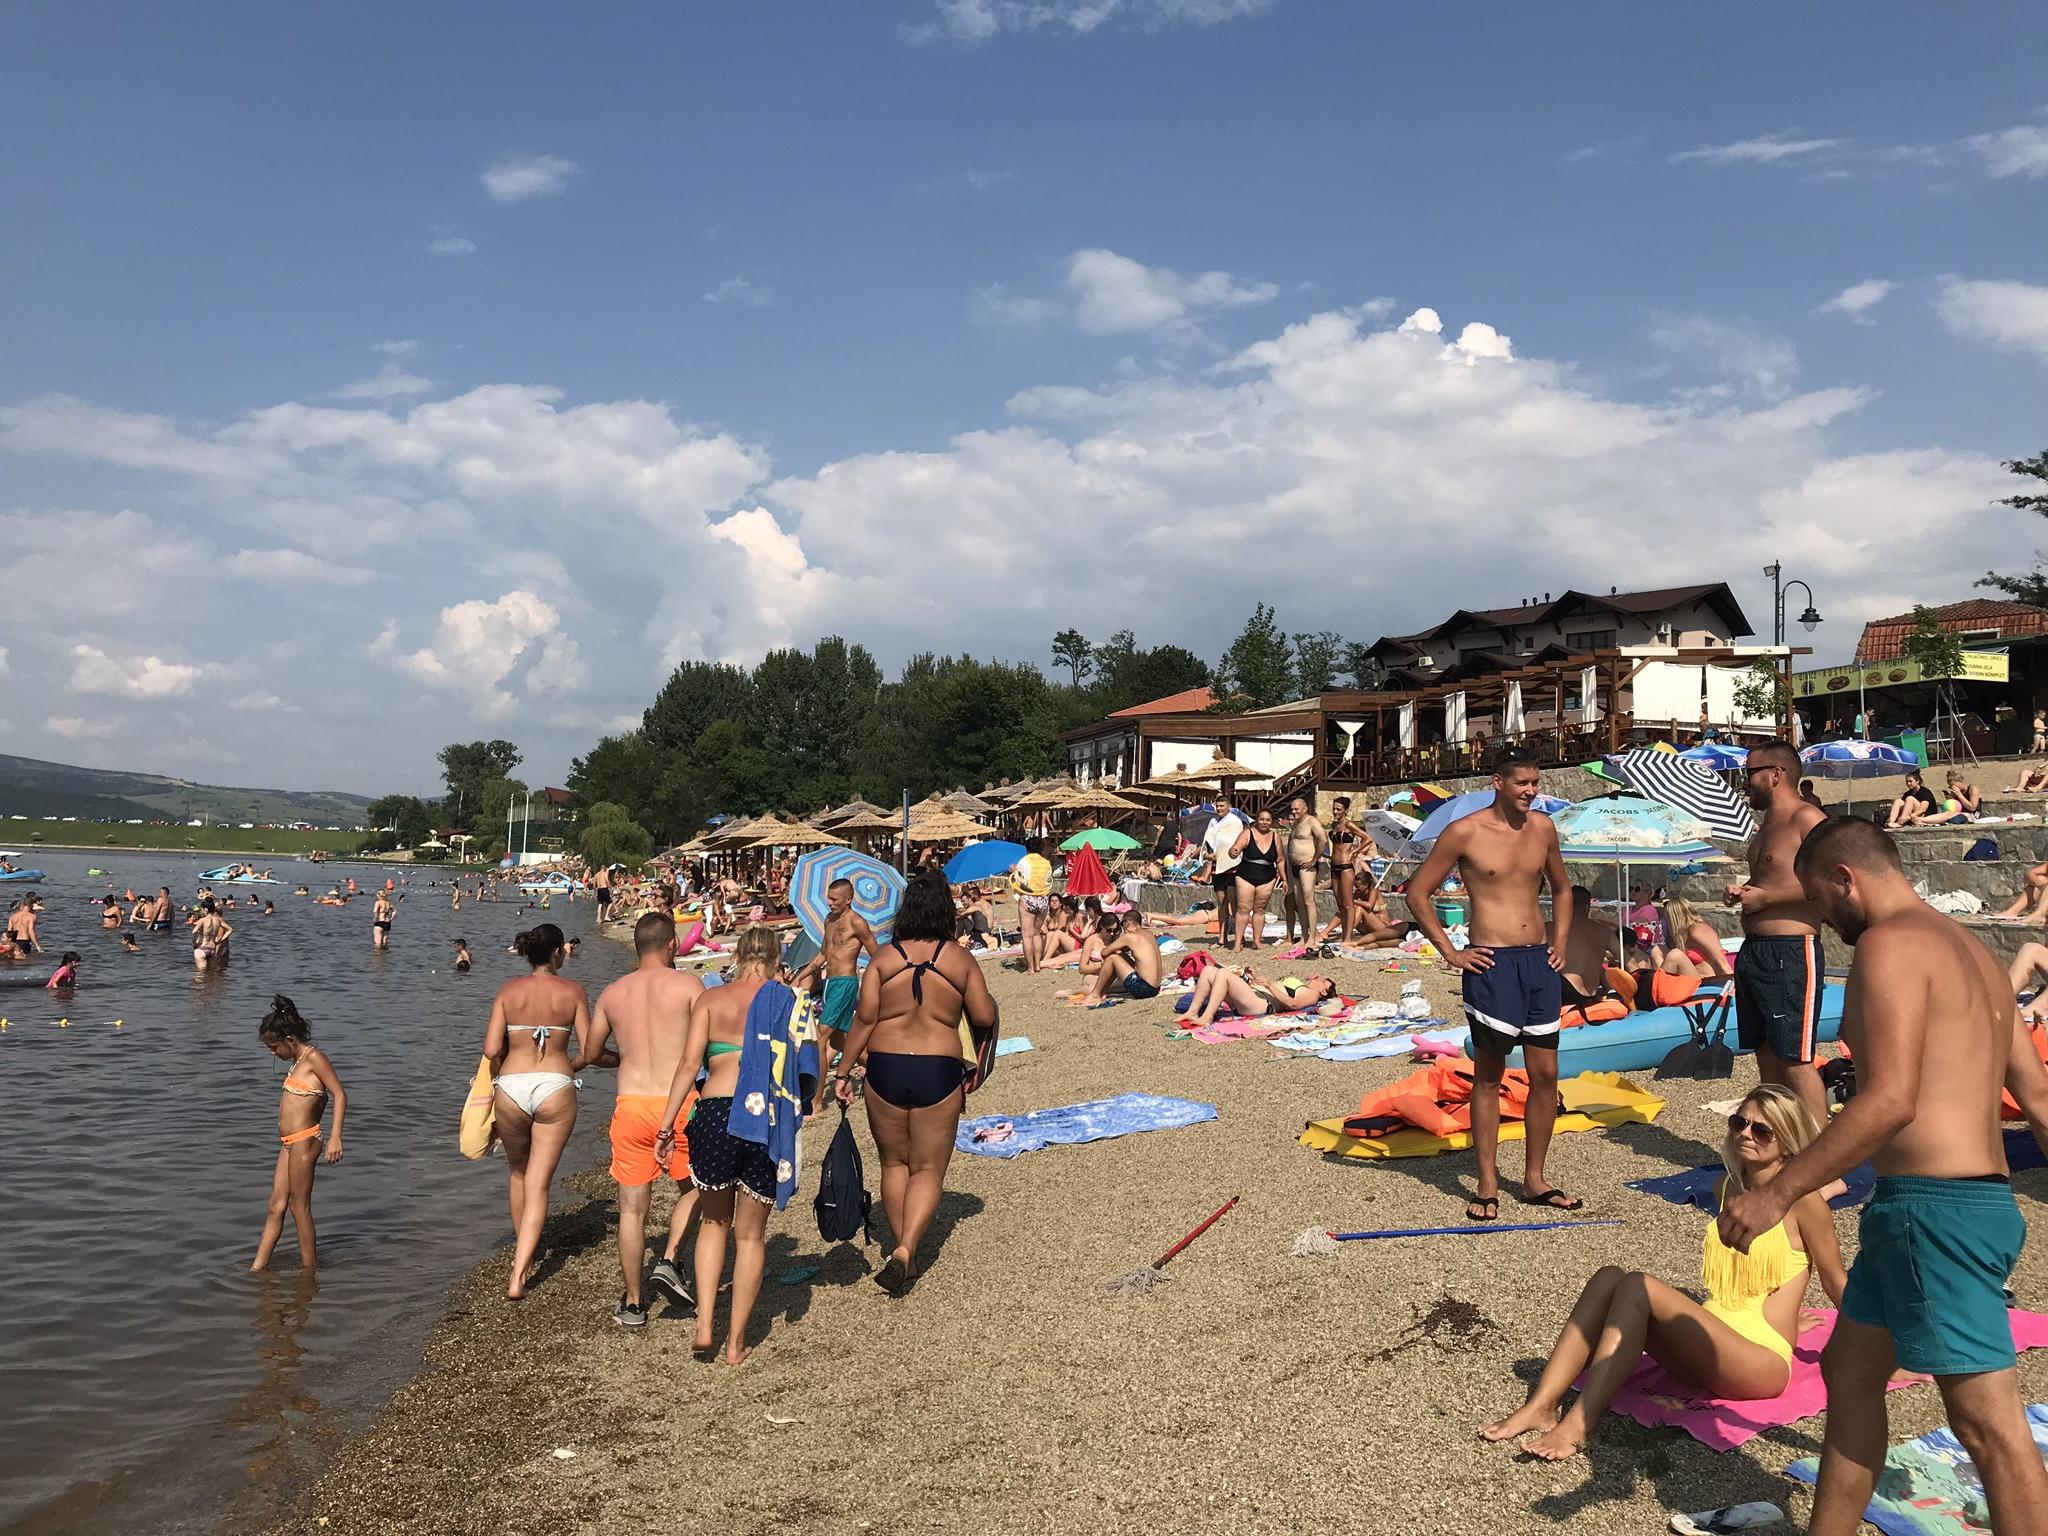 slika plaže na Srebrnom jezeru sa kupačima